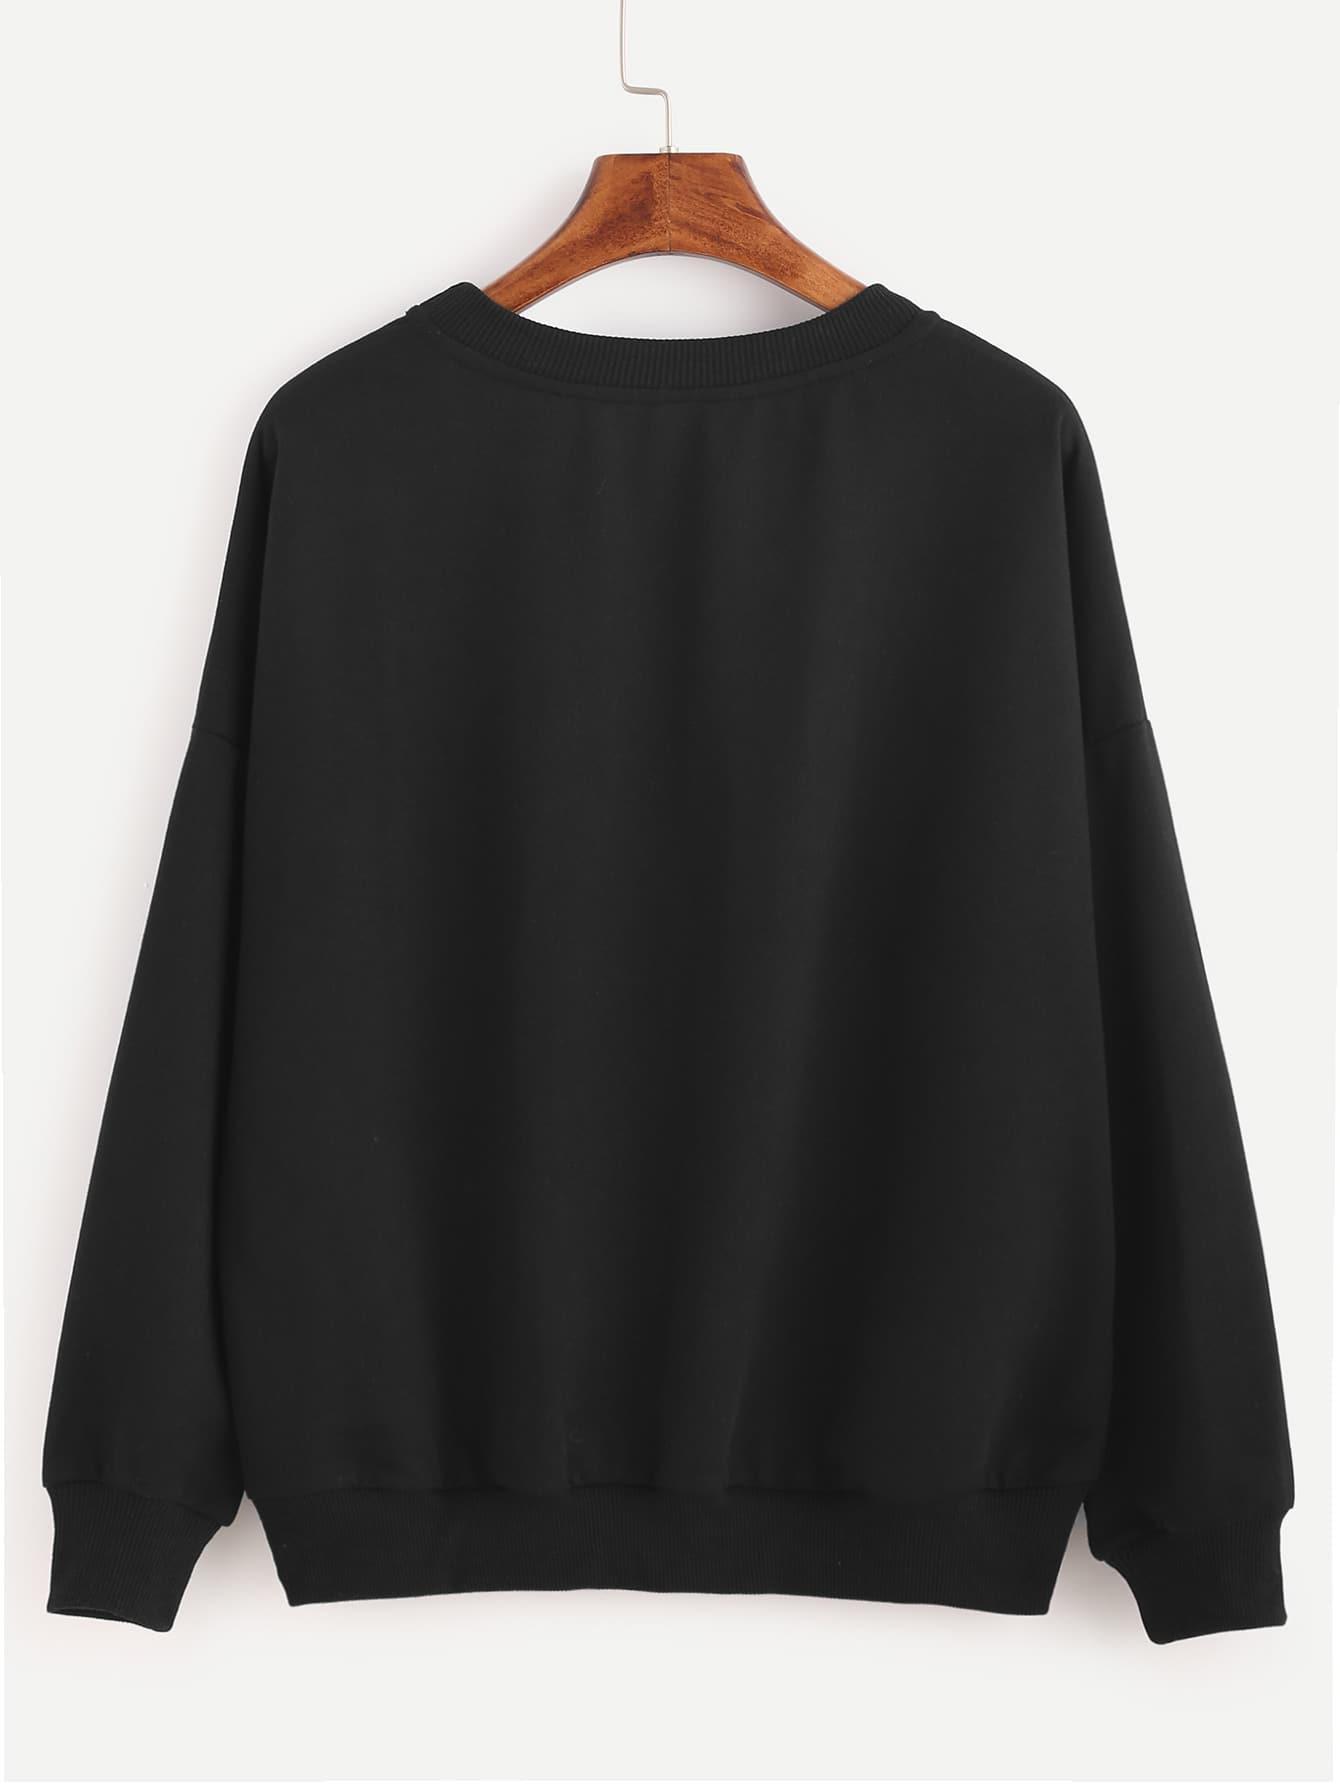 sweatshirt160929107_2